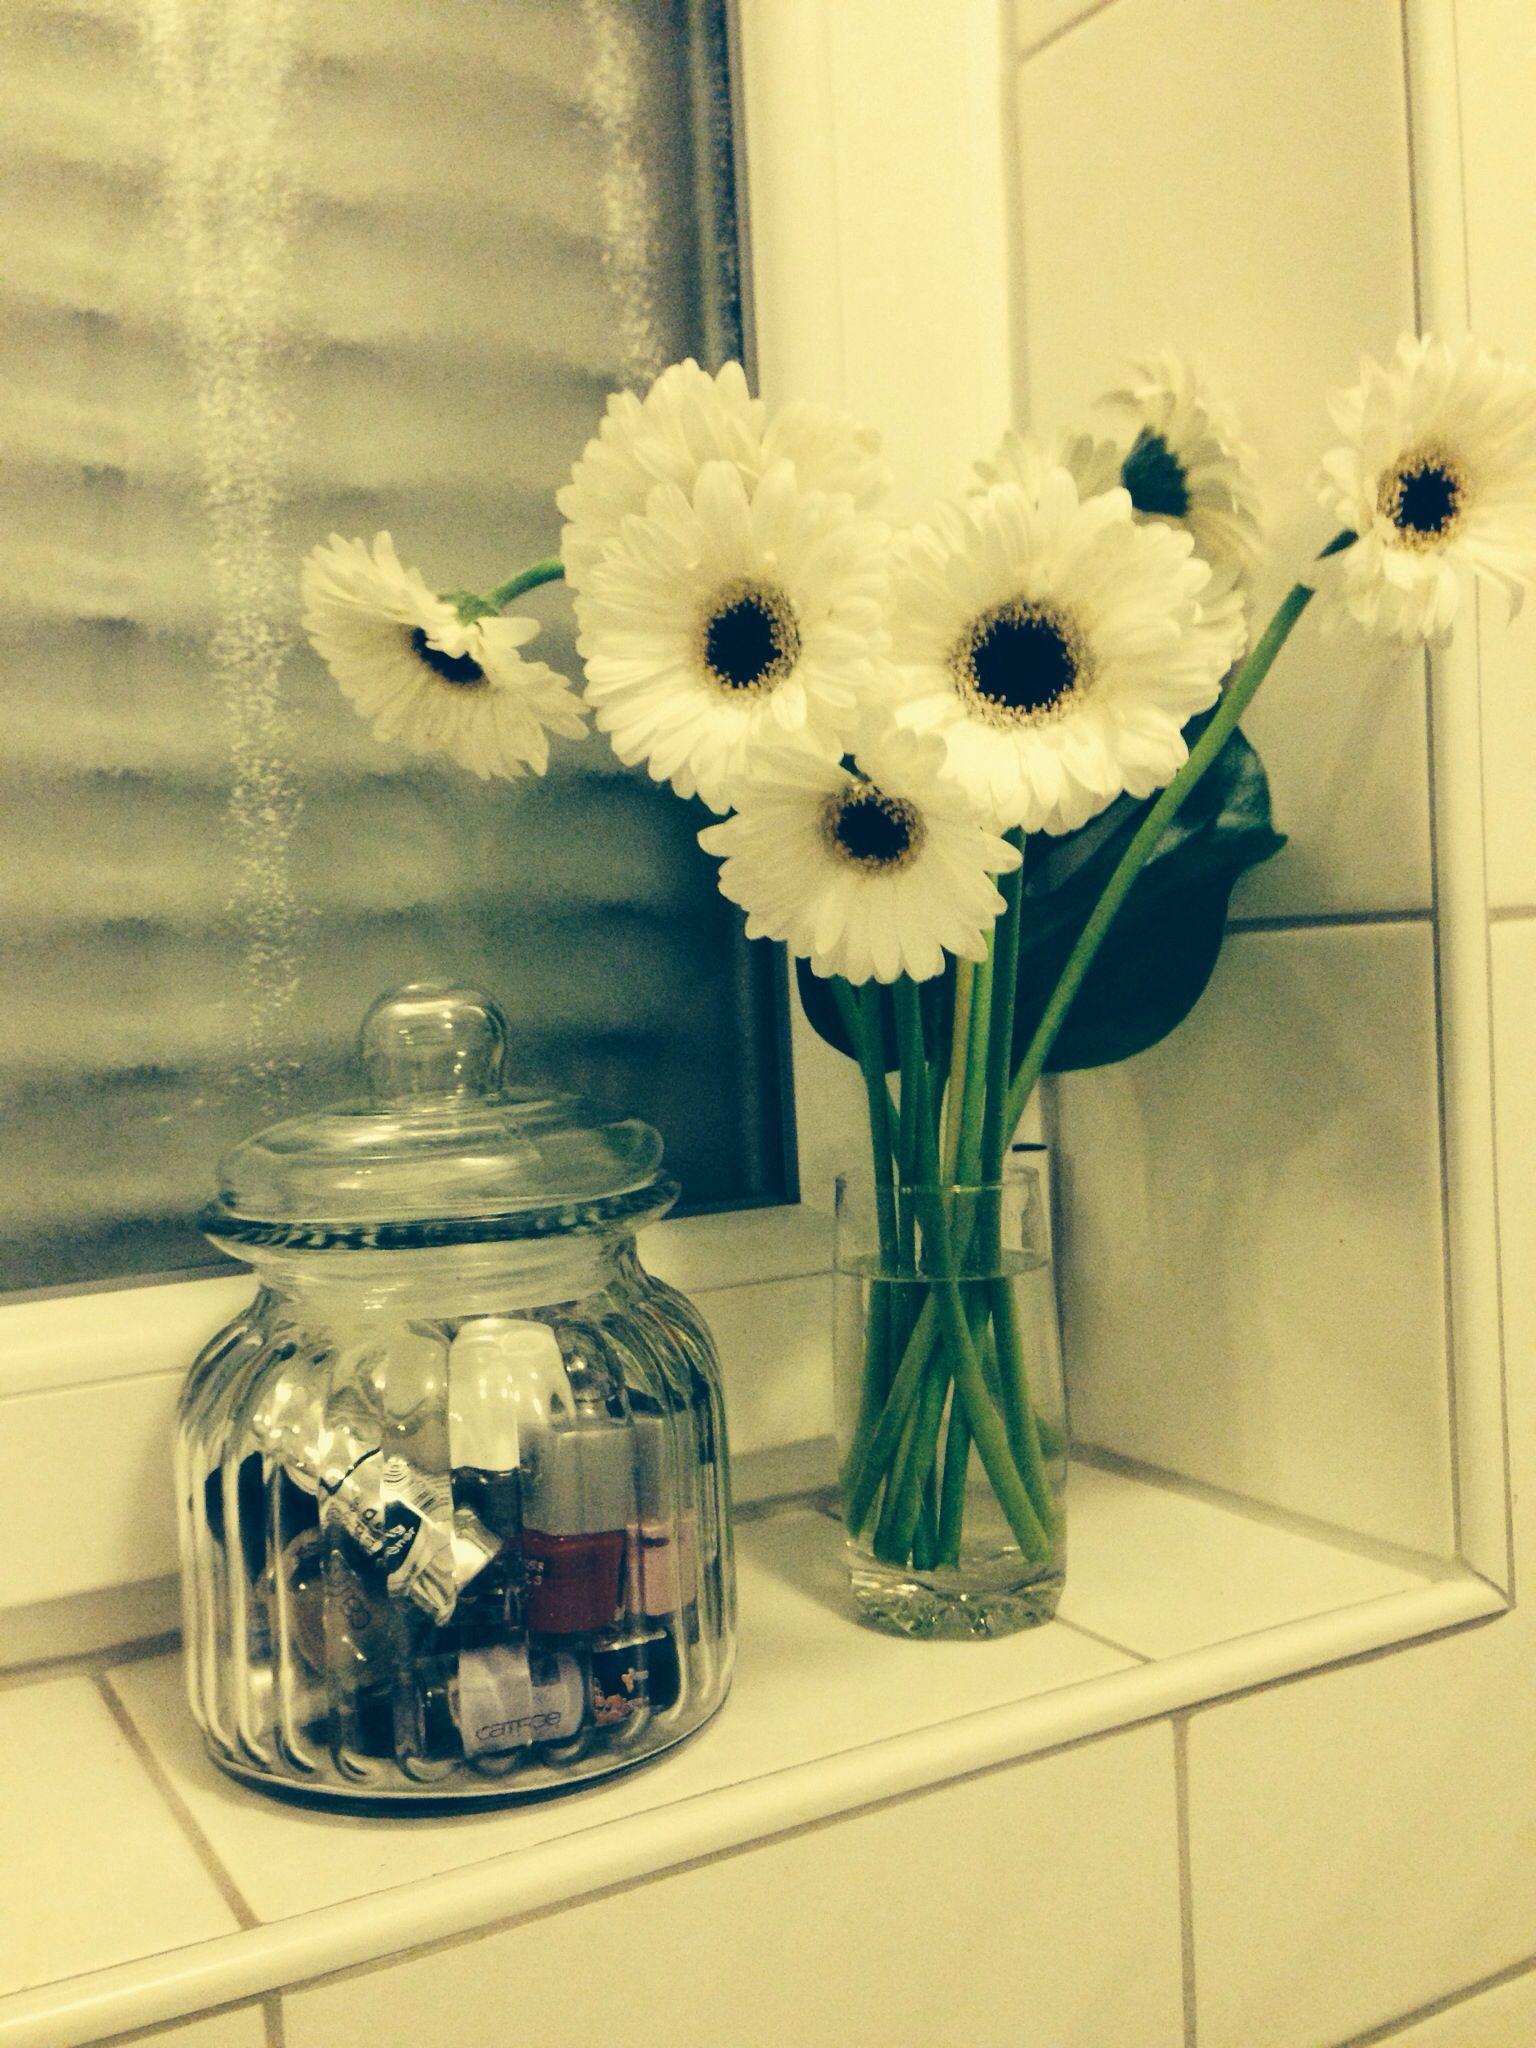 nagellack aufbewahrung im glas, badezimmer deko nail polish, Badezimmer ideen